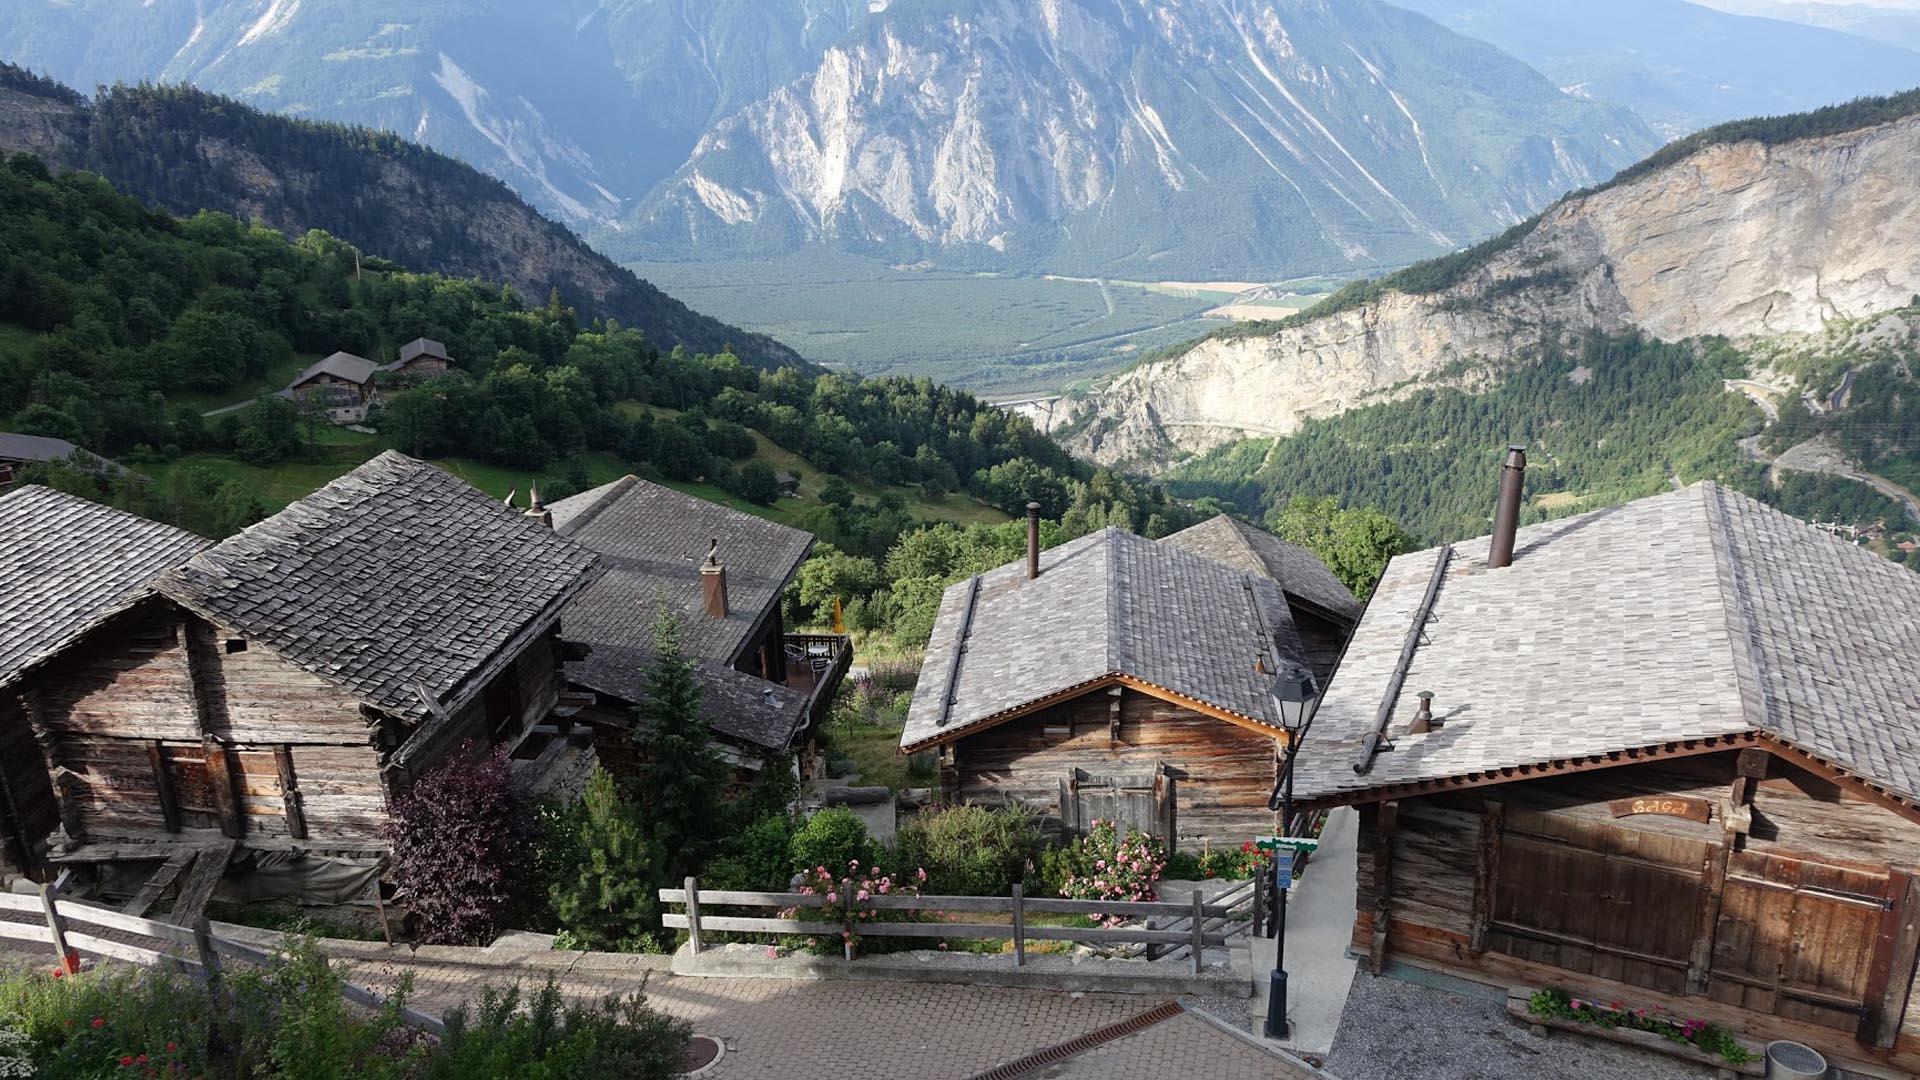 Ελβετικό χωριό σας δίνει 60.000 ευρώ για να μετακομίσετε εκεί - Εικόνα 1